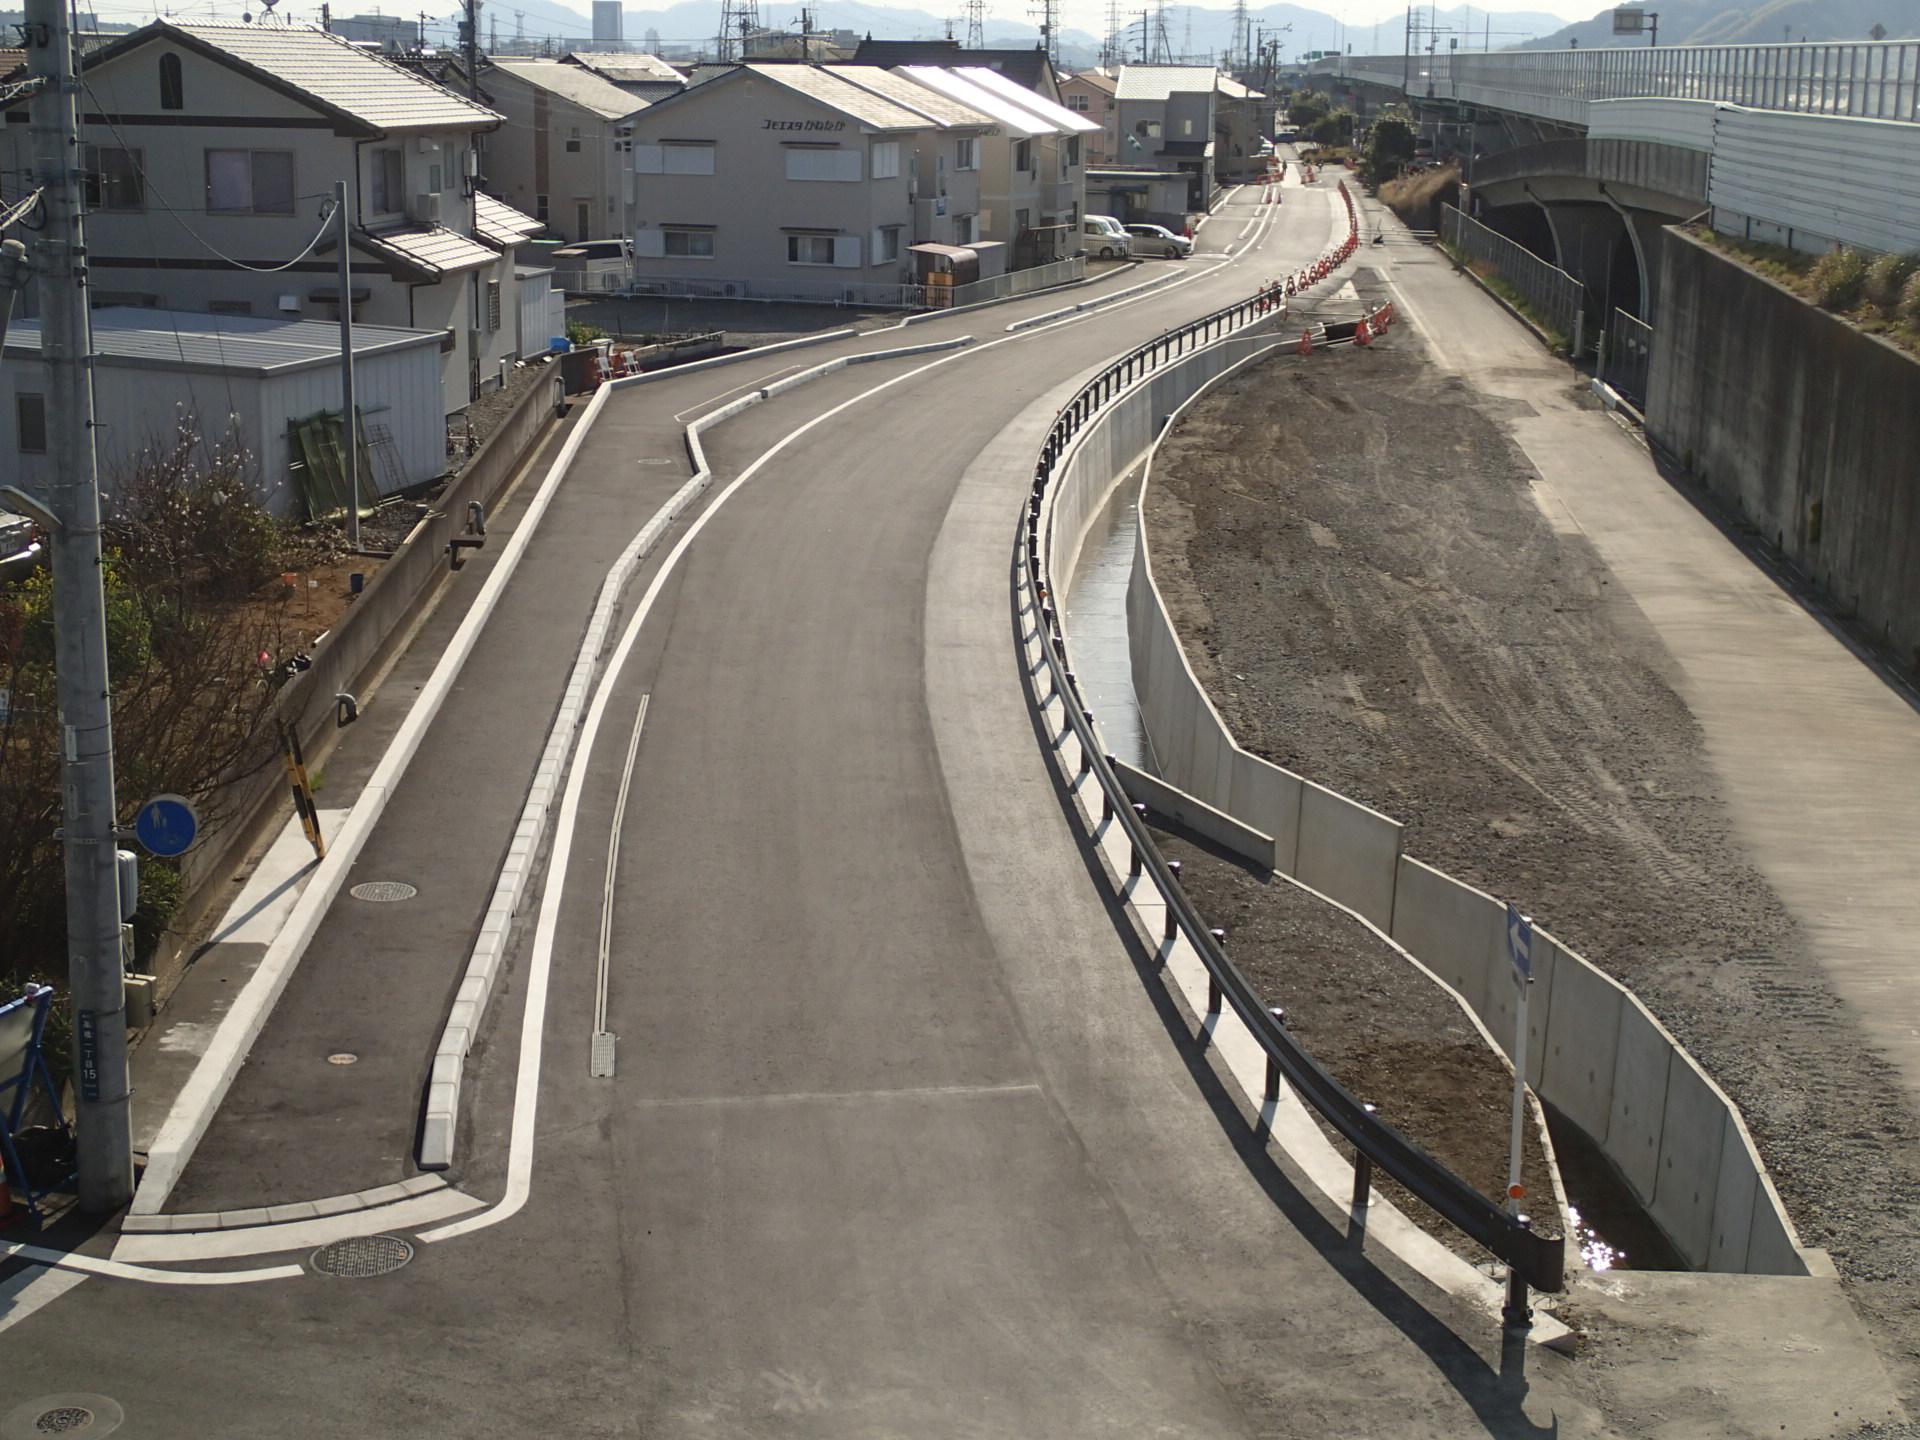 国道1号静清バイパス副道(下り線)及び飯田高架橋P5橋脚